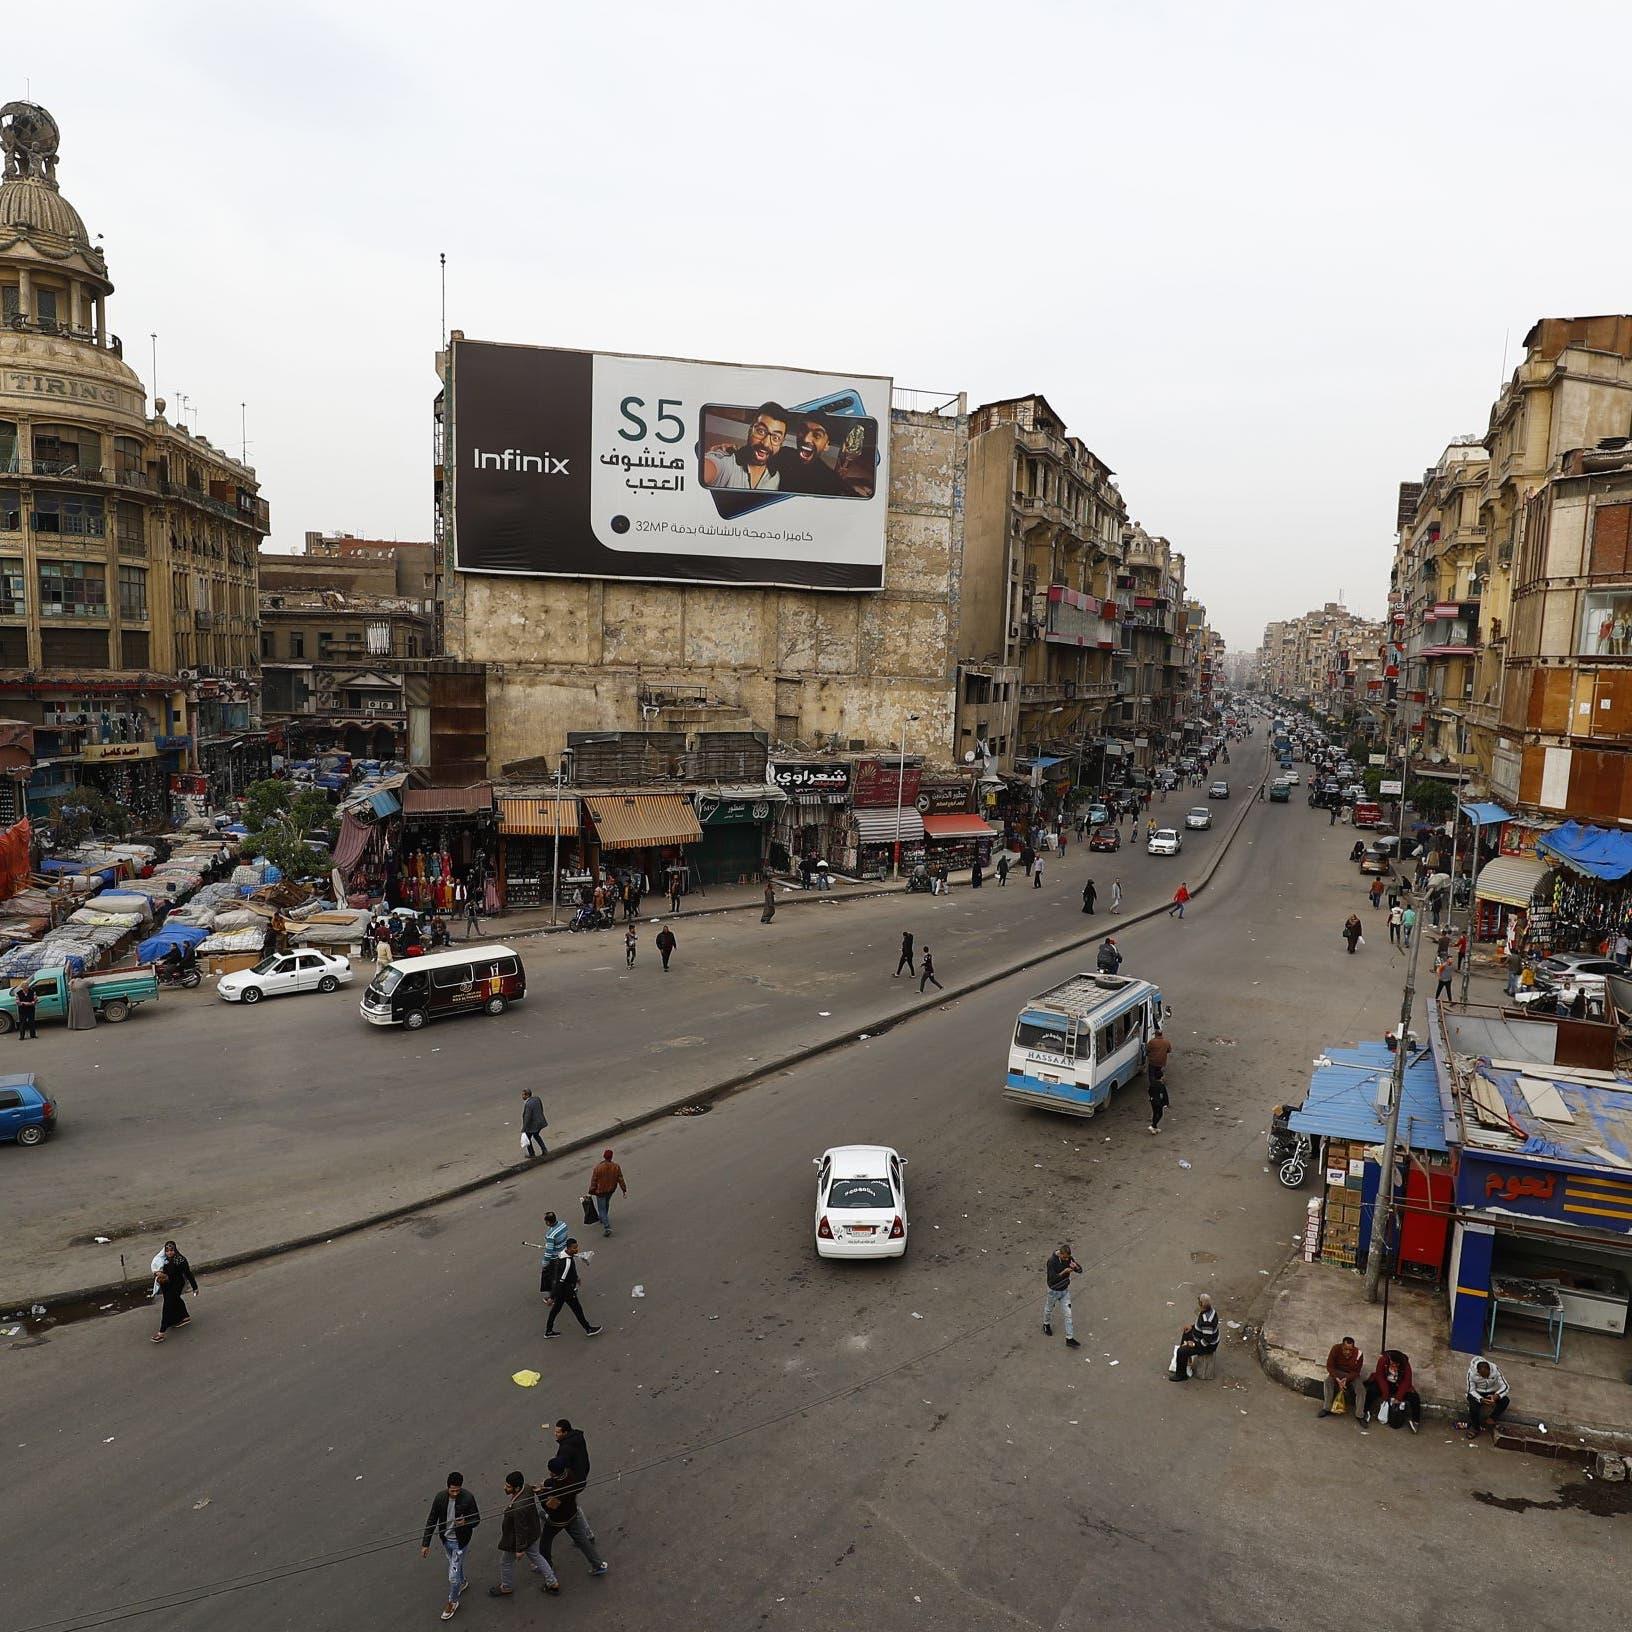 مصر تتوقع تباطؤ النمو إلى 4.5% في الربع الثالث